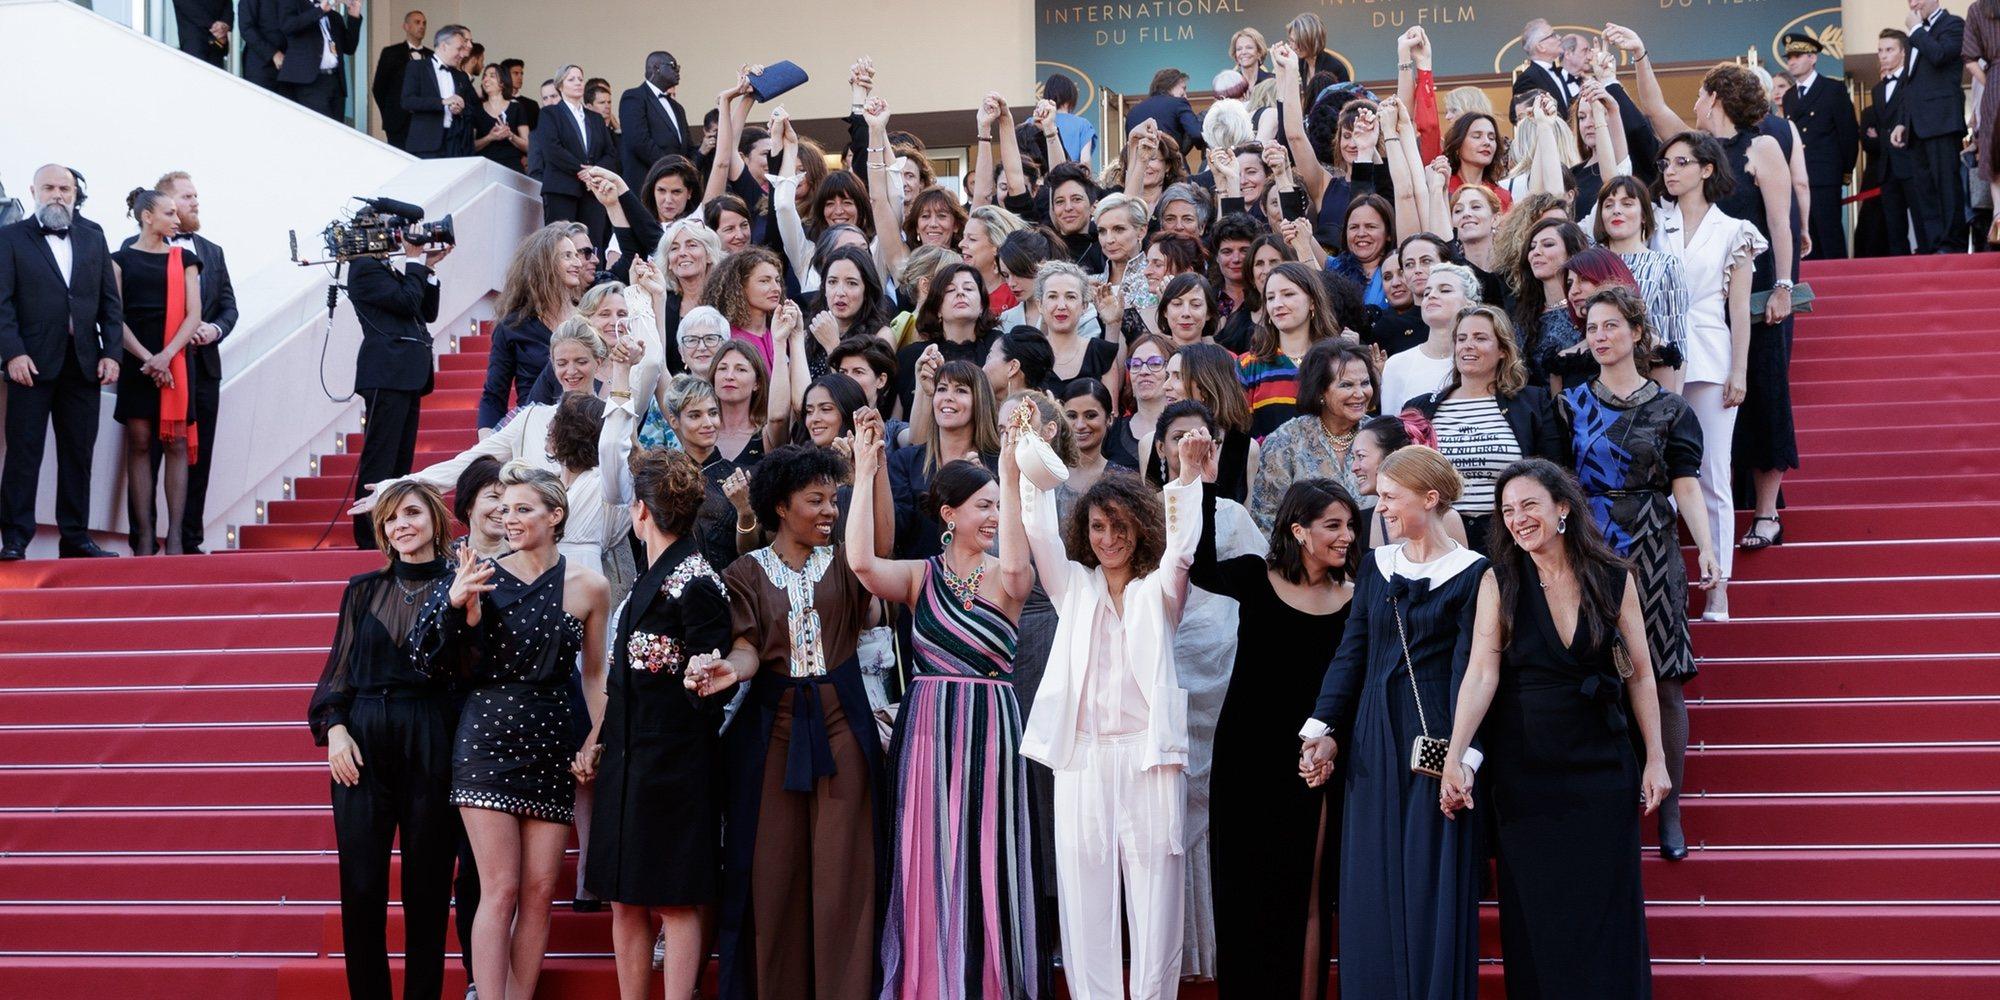 El poder femenino se impone en una histórica alfombra roja en el Festival de Cannes 2018